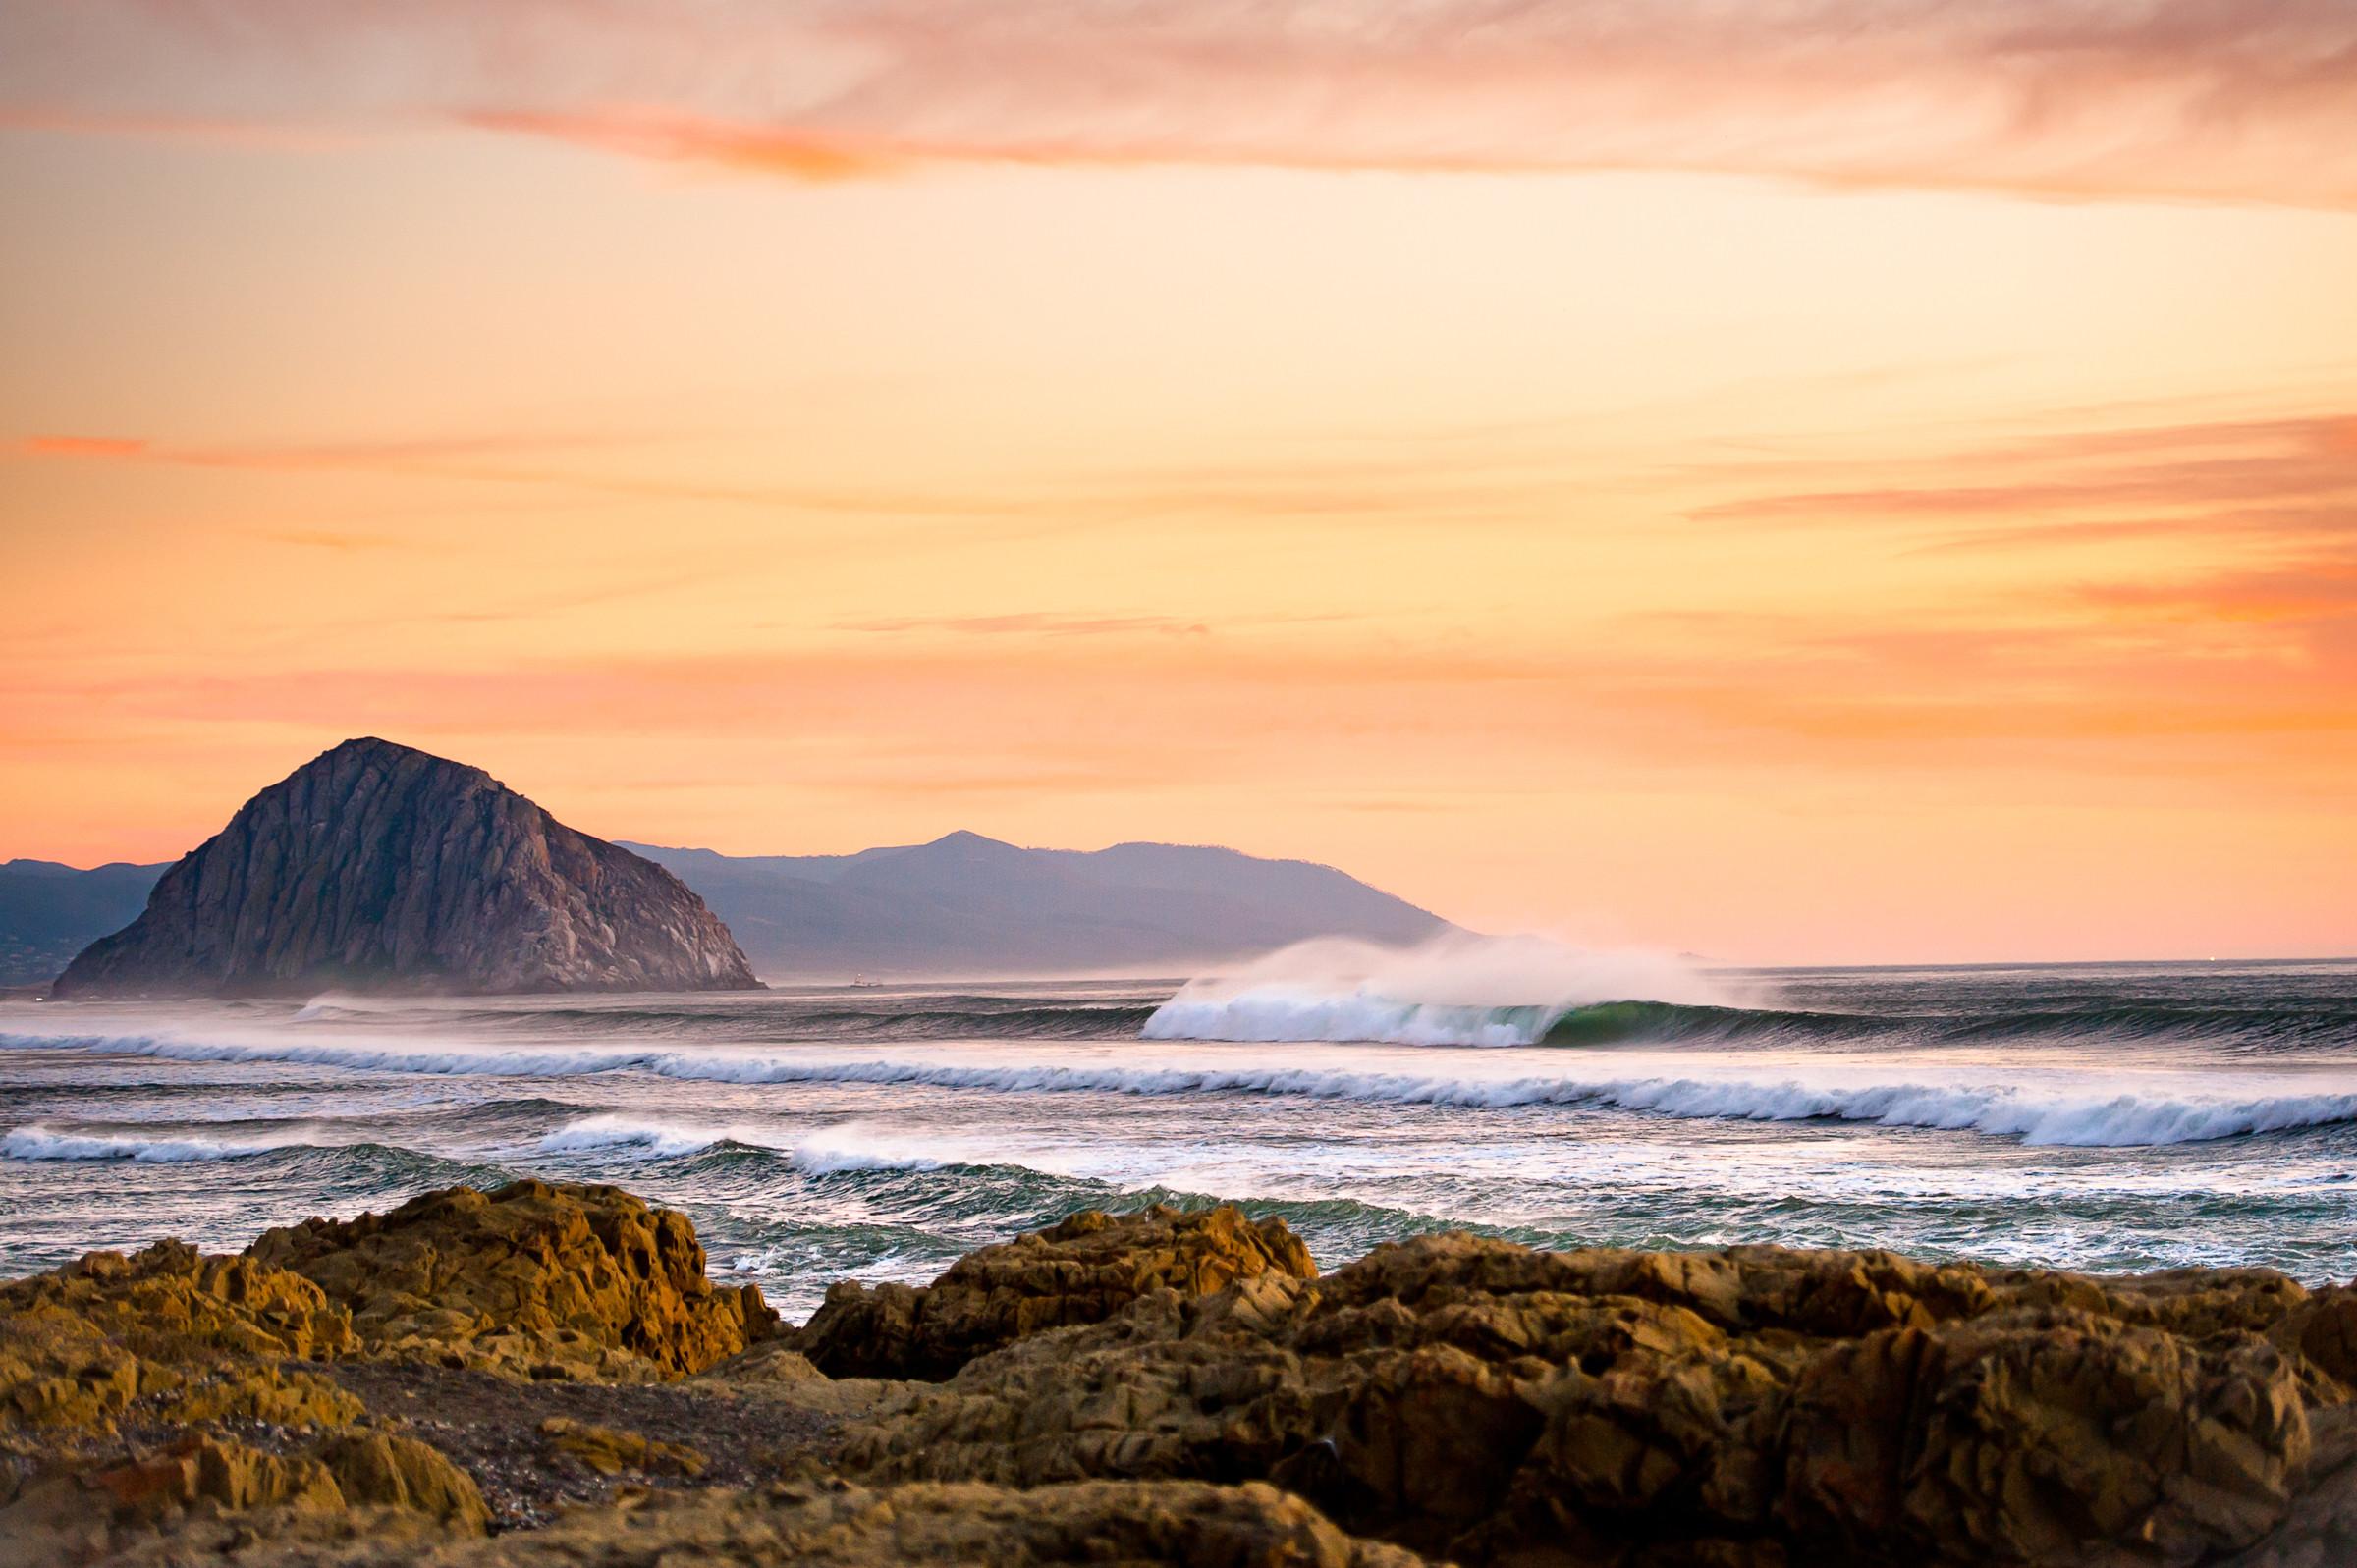 California Coast in Peril